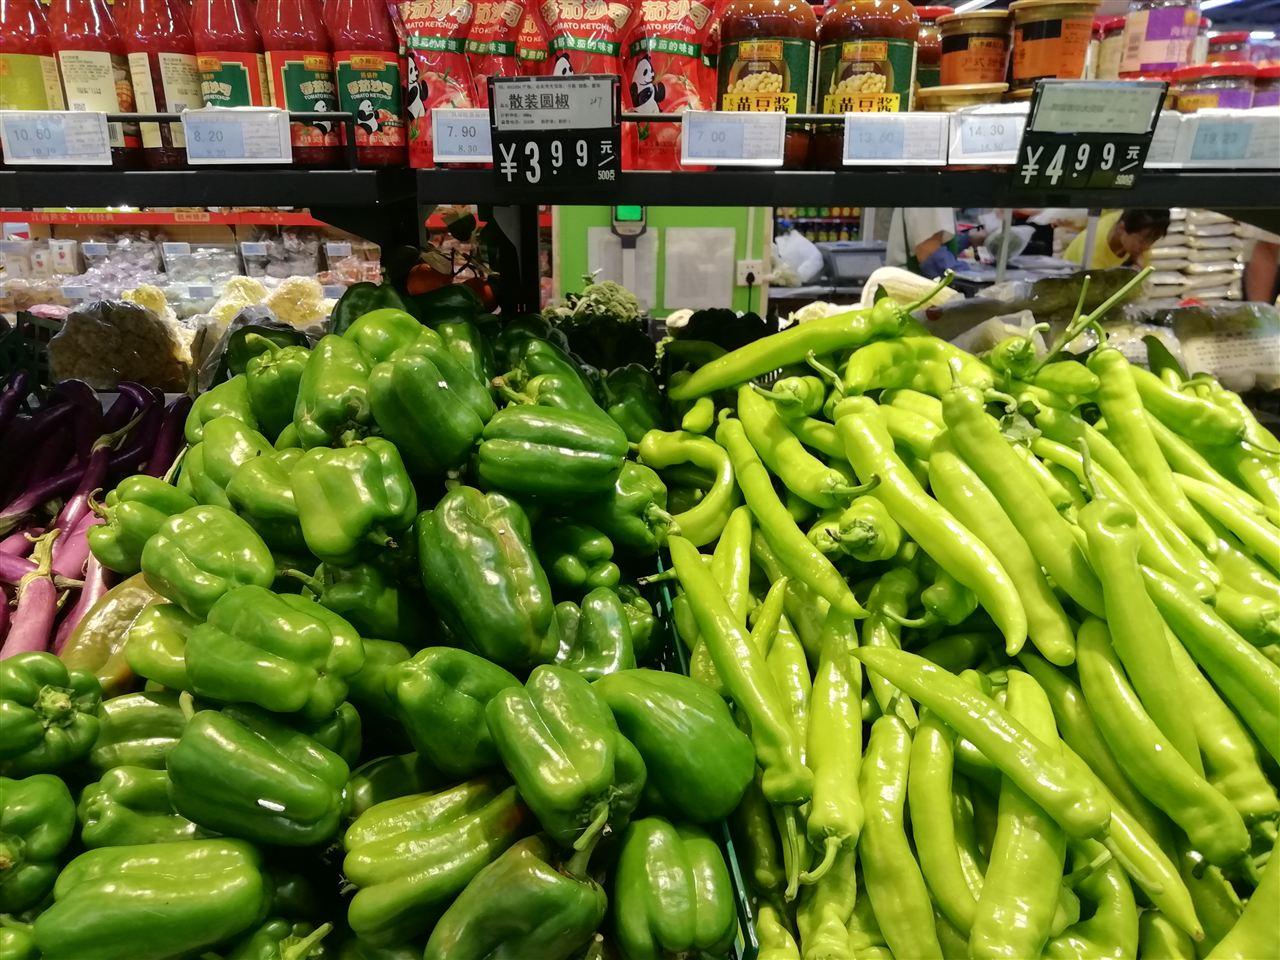 环境与温饱 科学仪器用守护环境来守护粮食